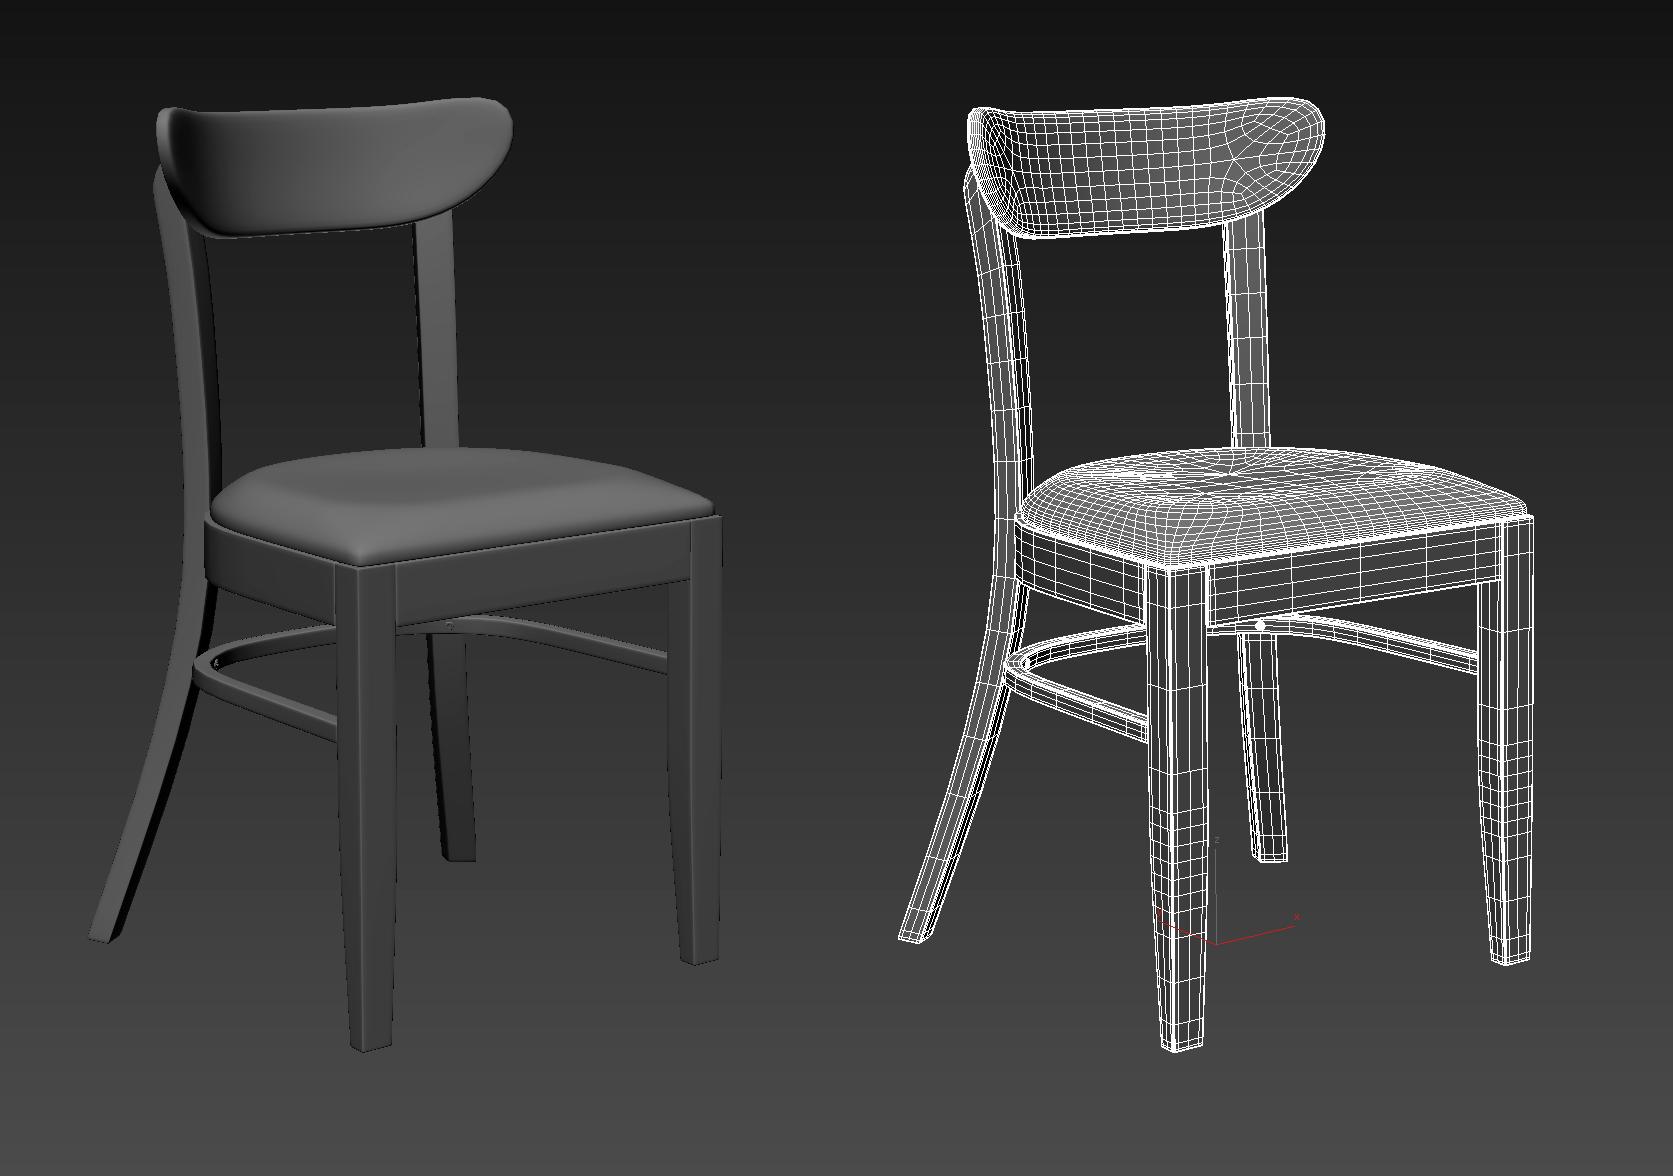 krzesło_3